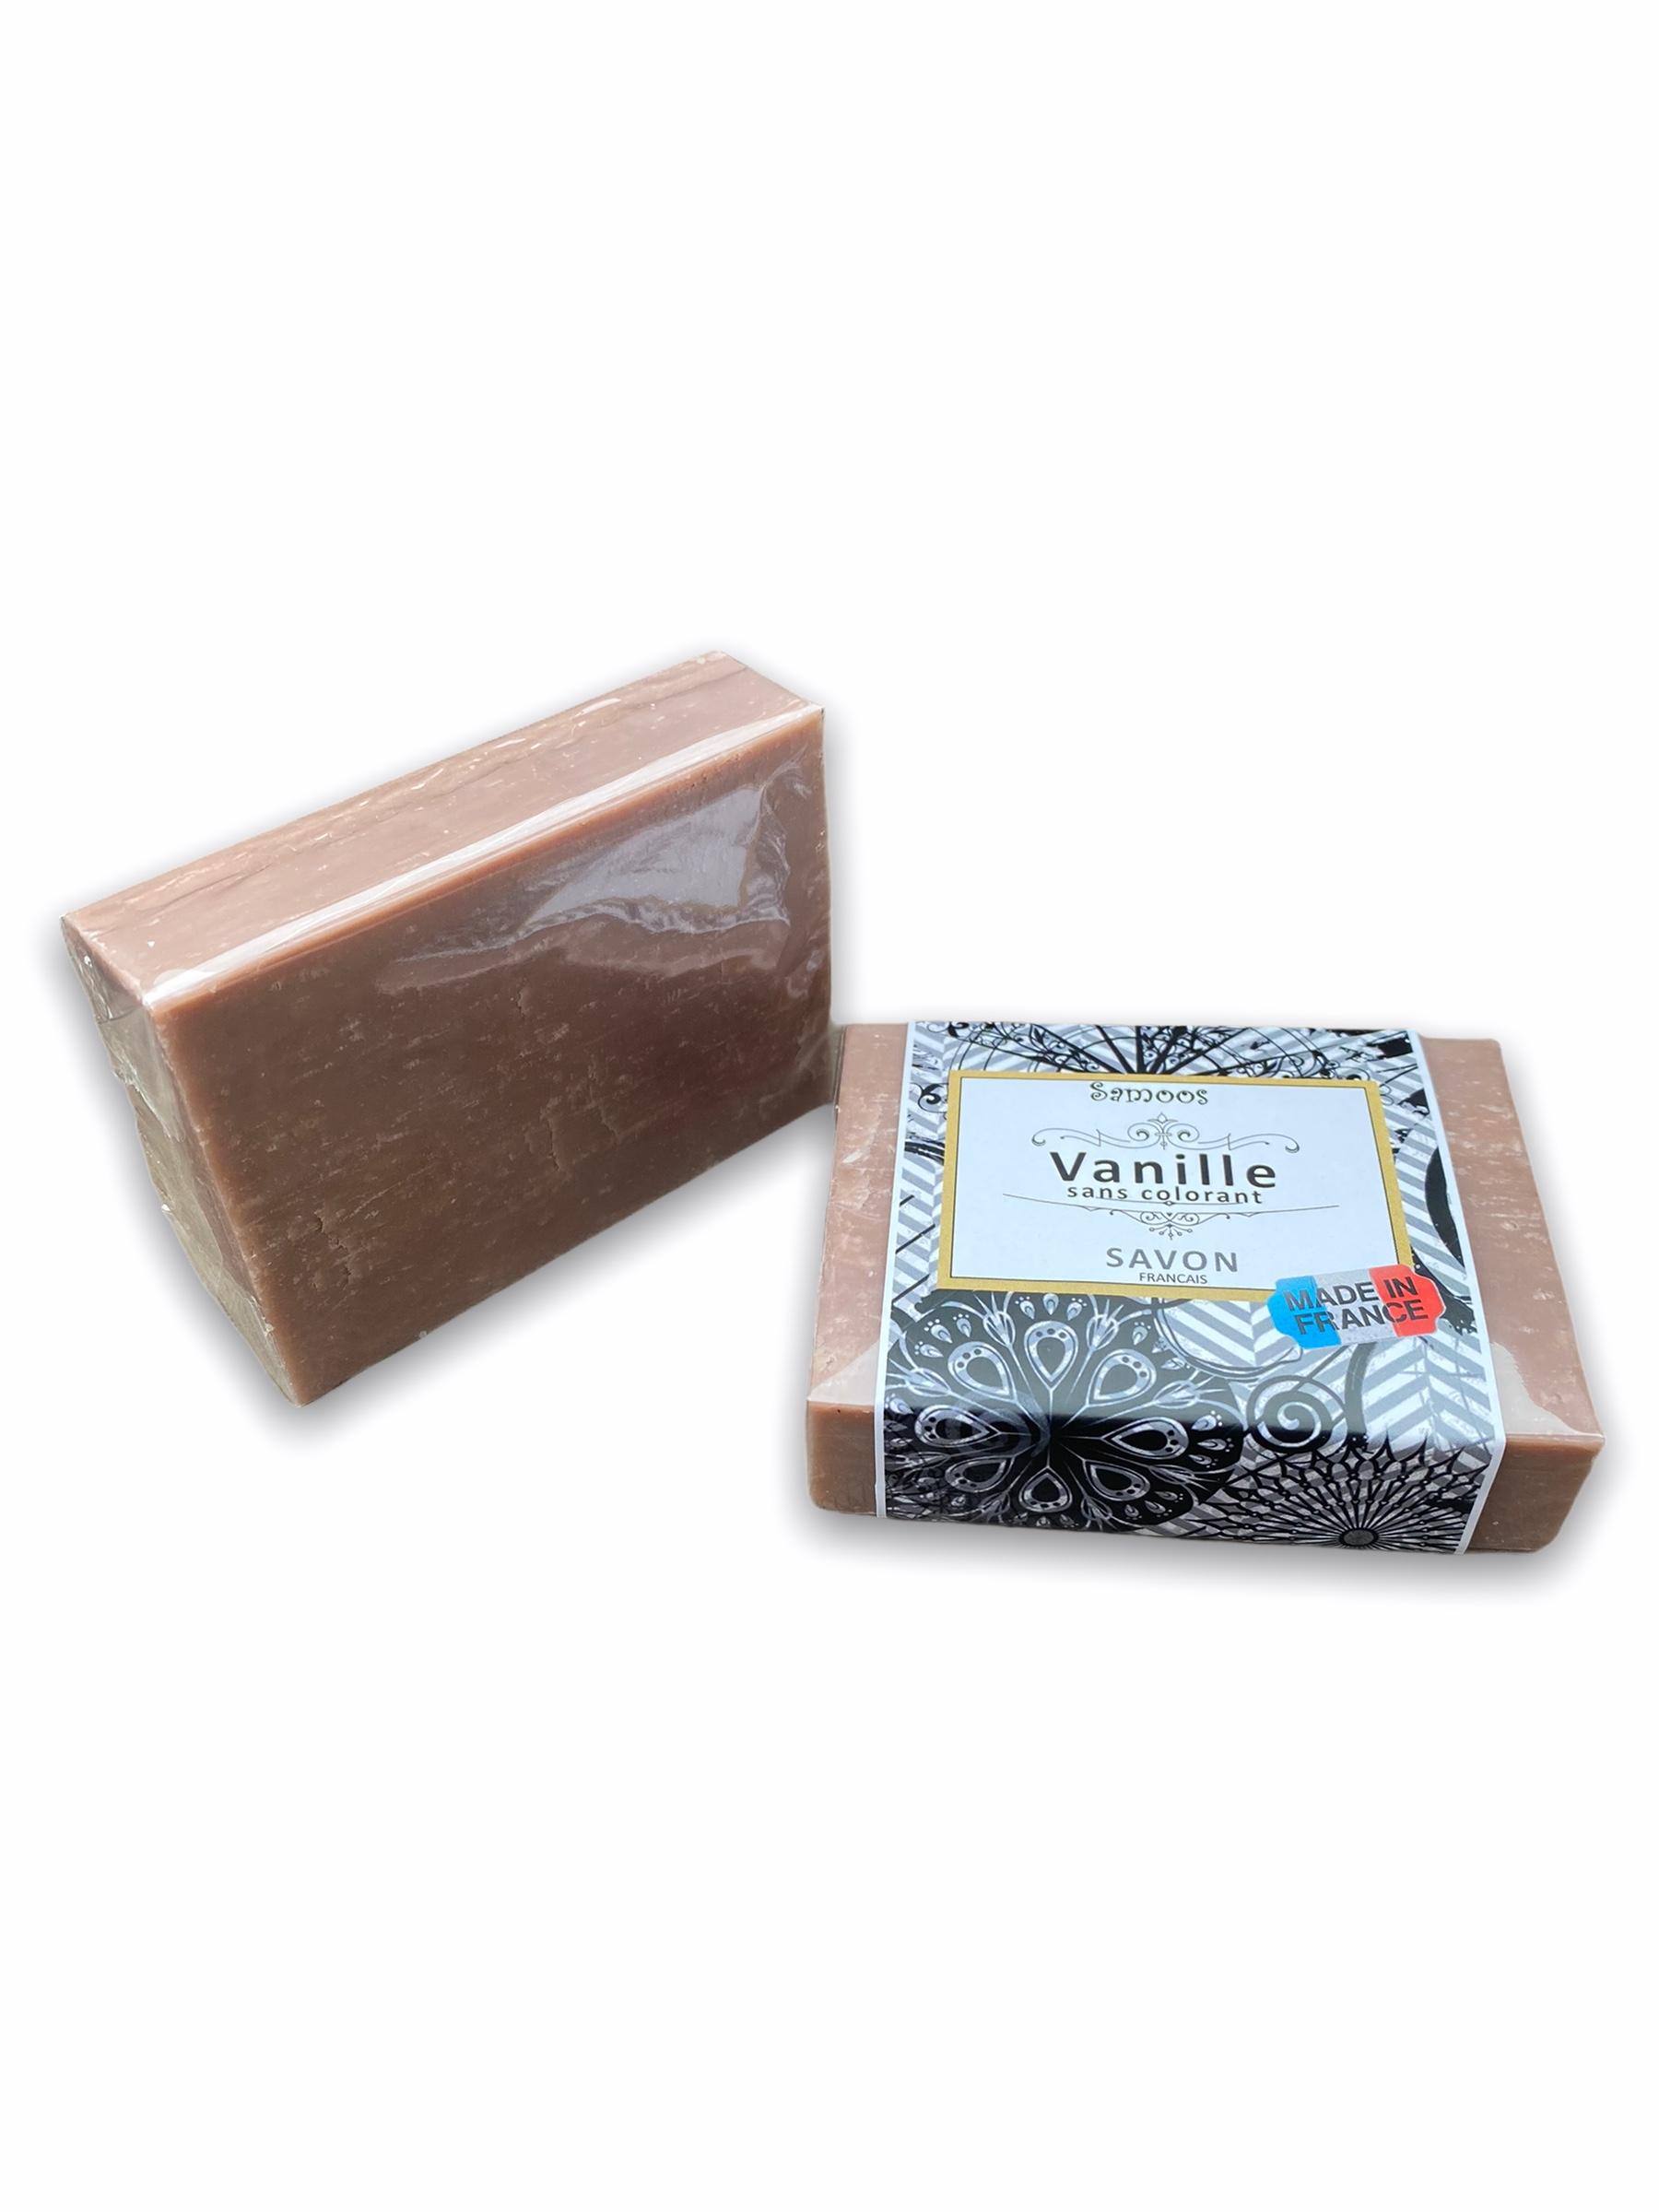 Savon Vanille Sans Colorant Profitez d'un moment de bien-être lors de son utilisation et profitez de son délicat parfum